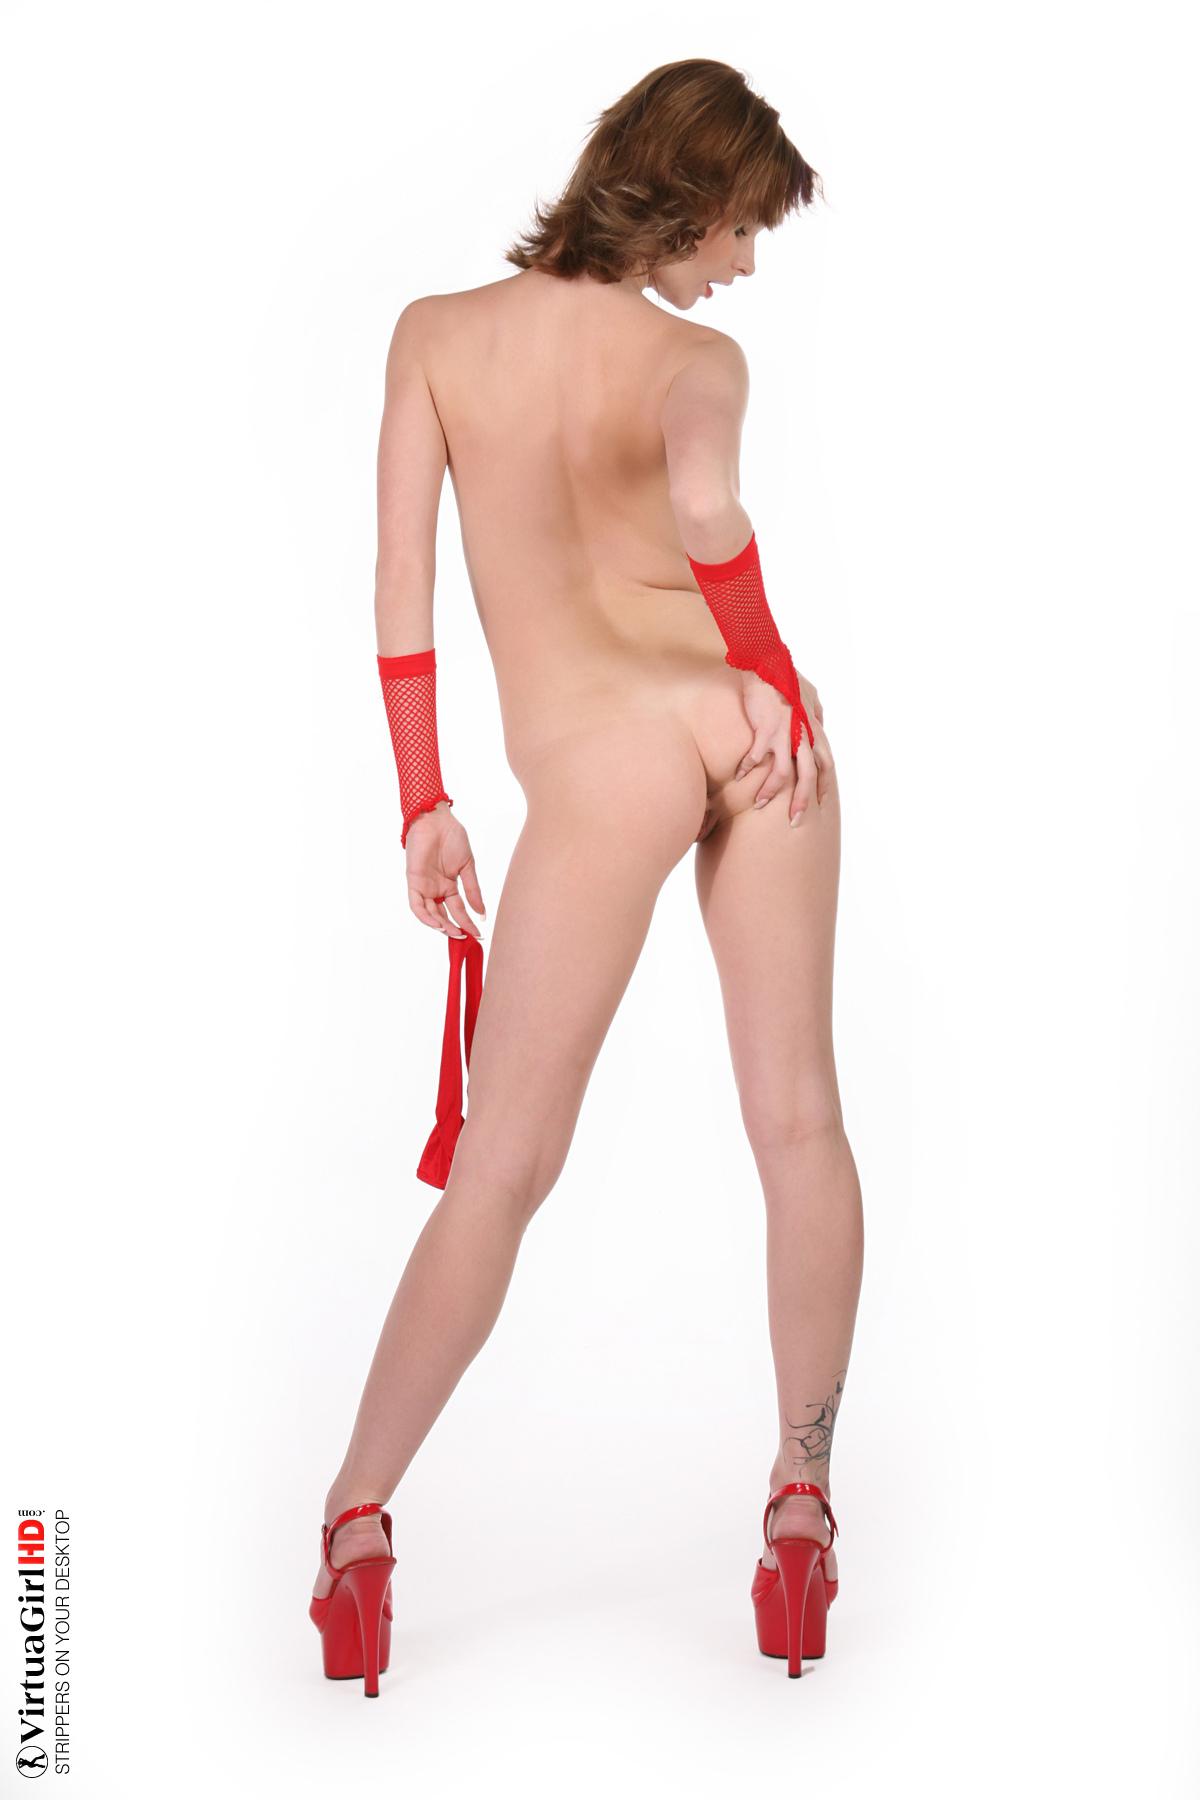 xvideos girls stripping